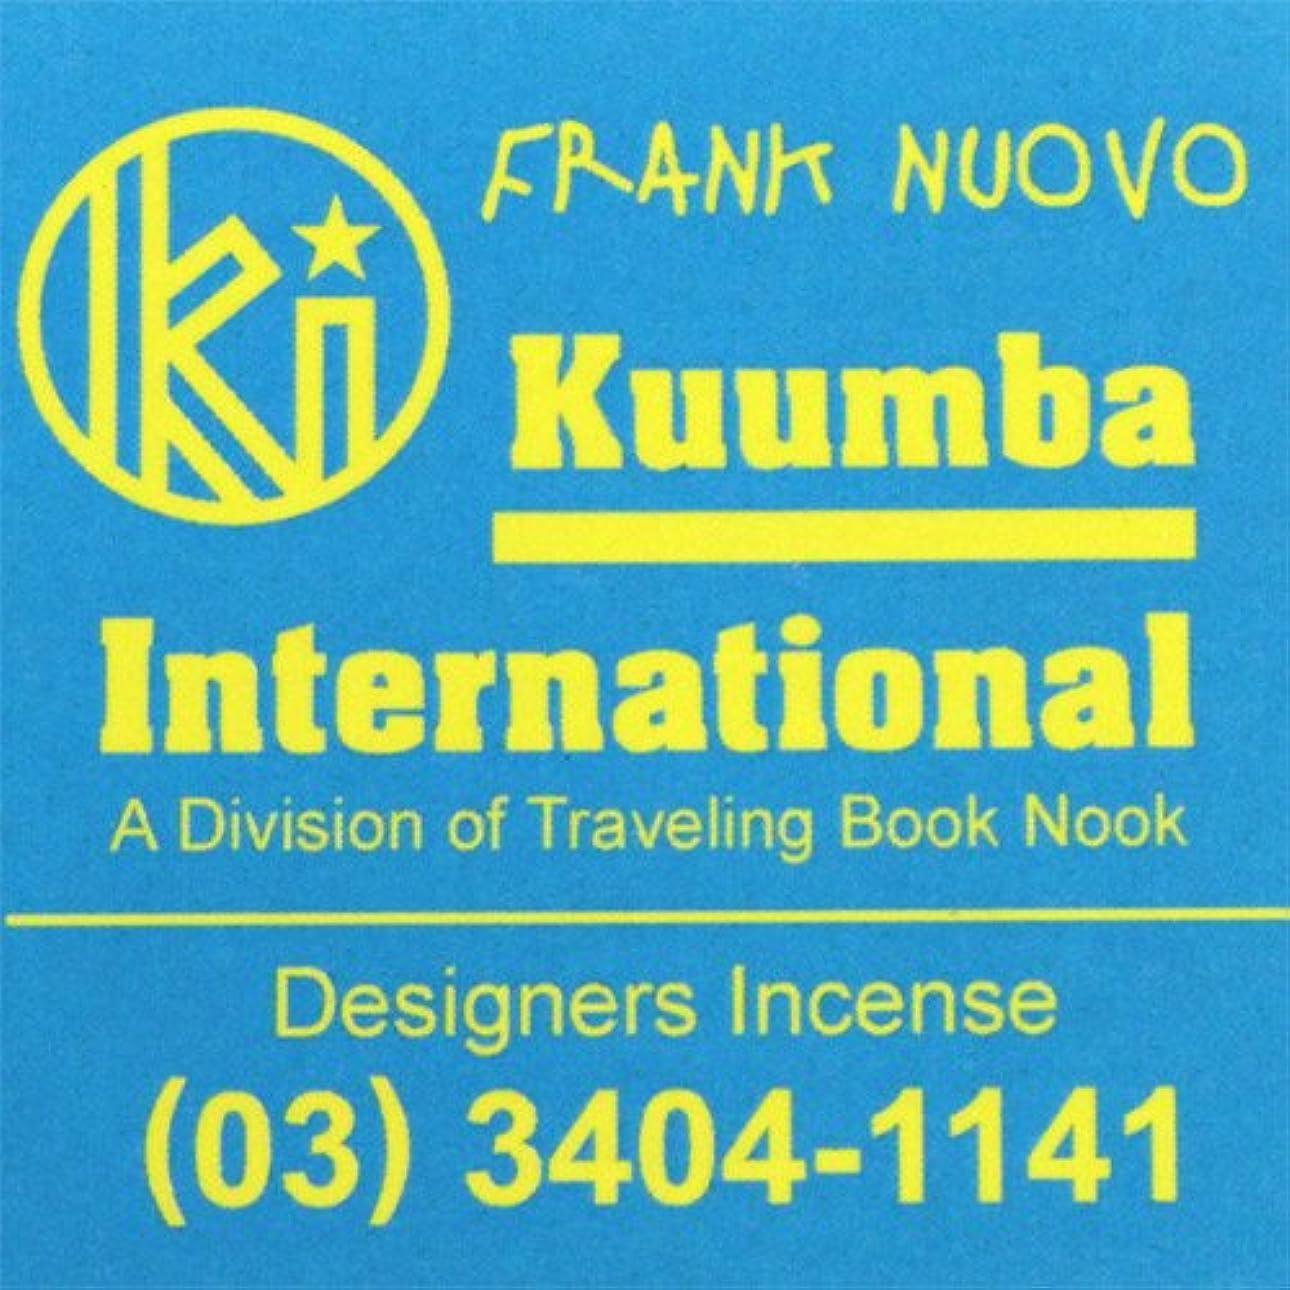 モットー不良慎重KUUMBA / クンバ『incense』(FRANK NUOVO) (Regular size)